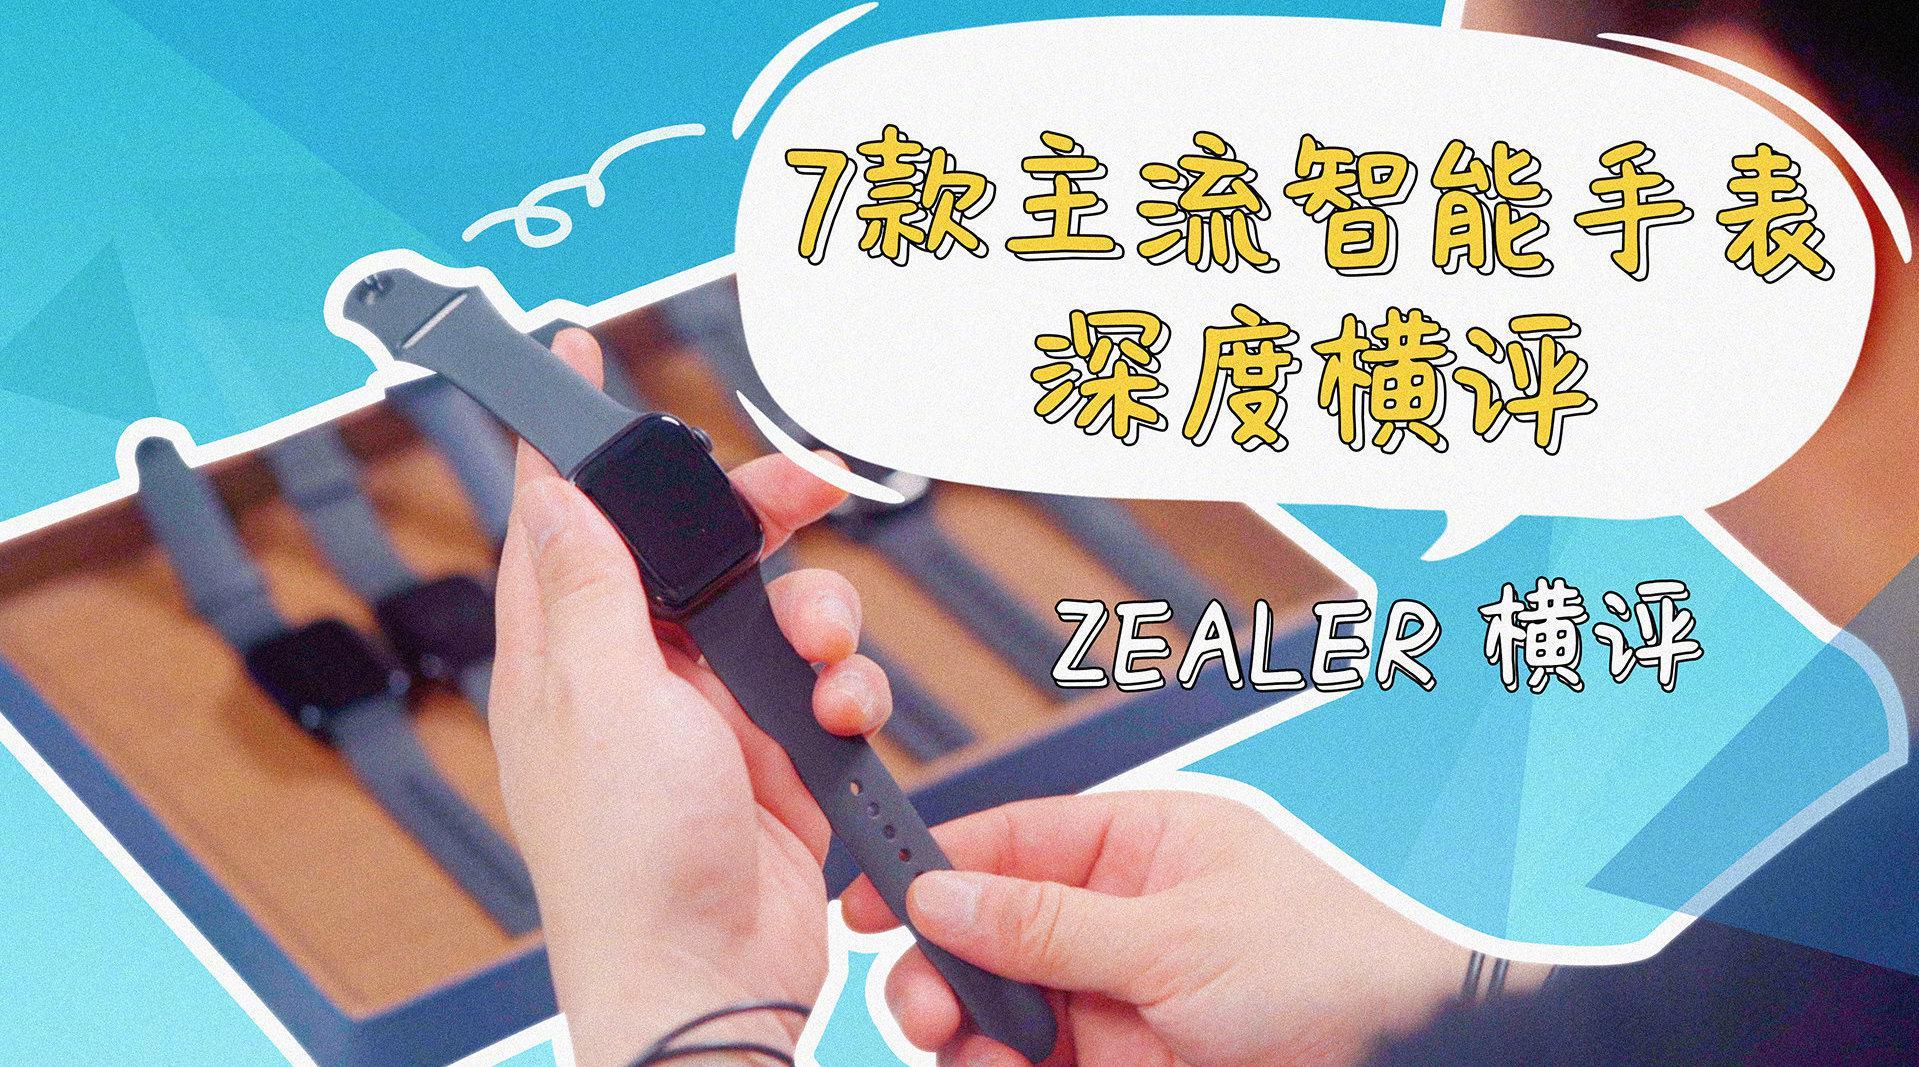 「ZEALER 横评」7 款主流智能手表深度横评